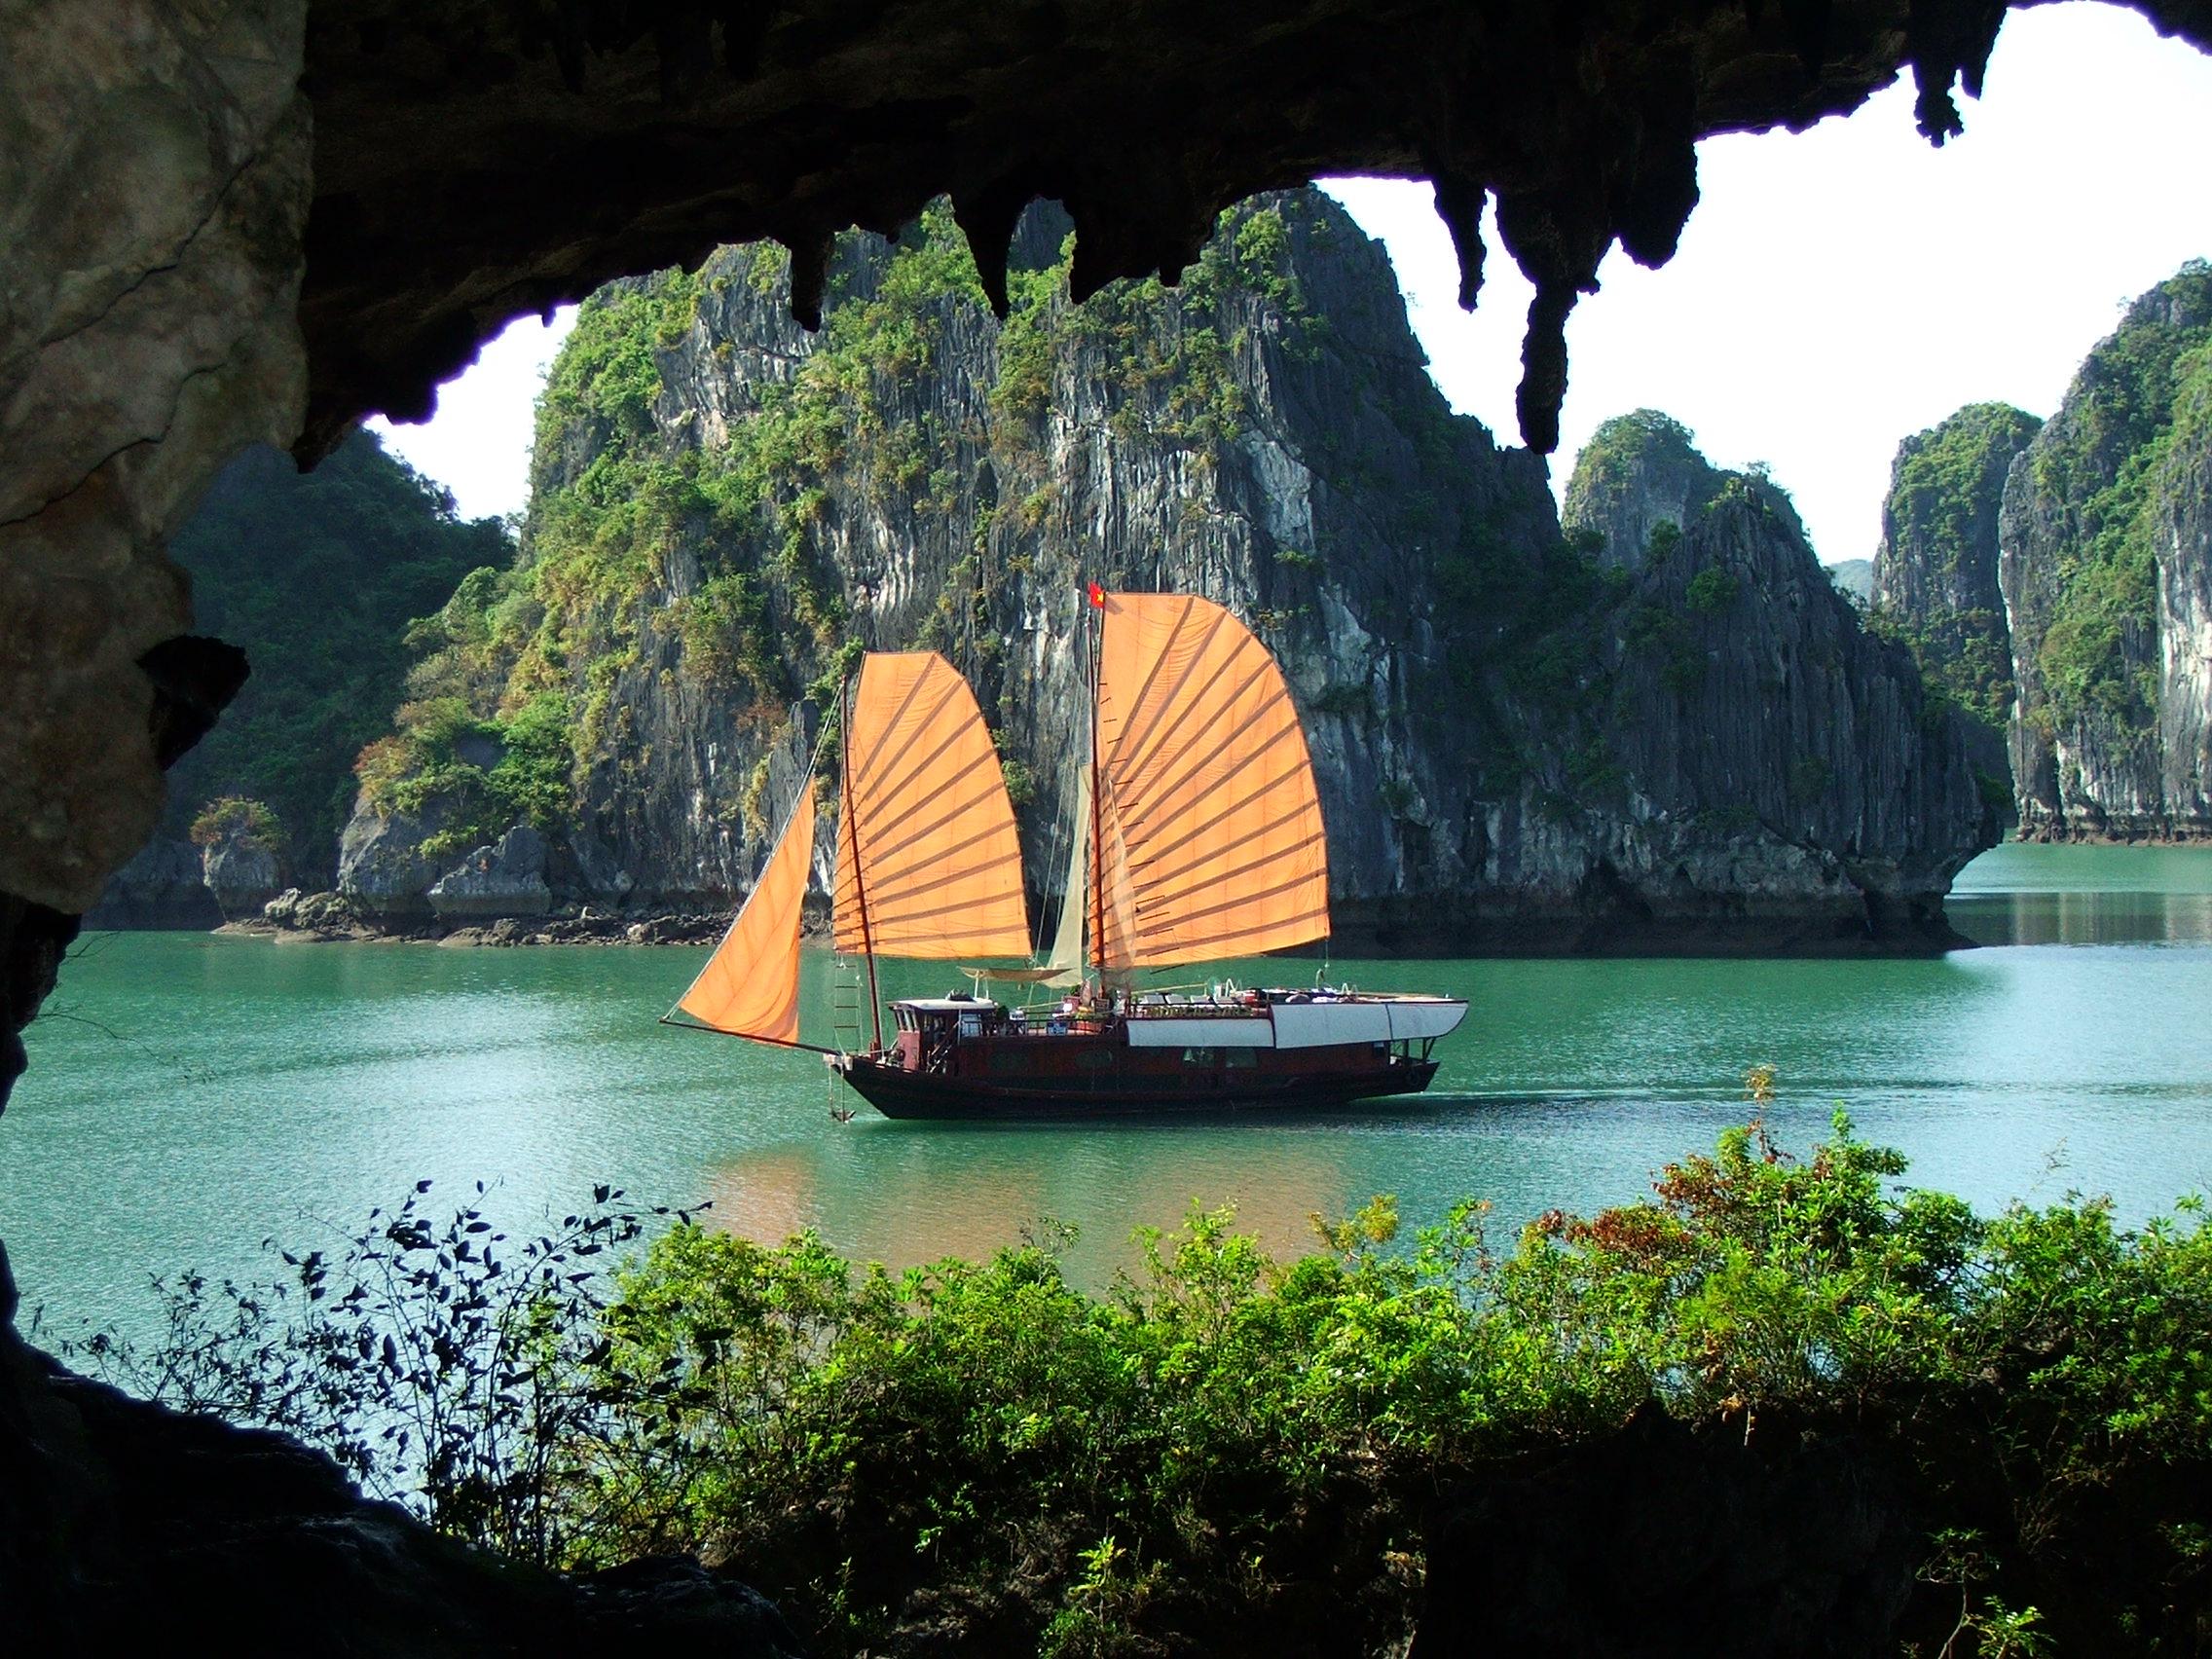 Du lịch Hạ Long, Hang Trinh Nữ